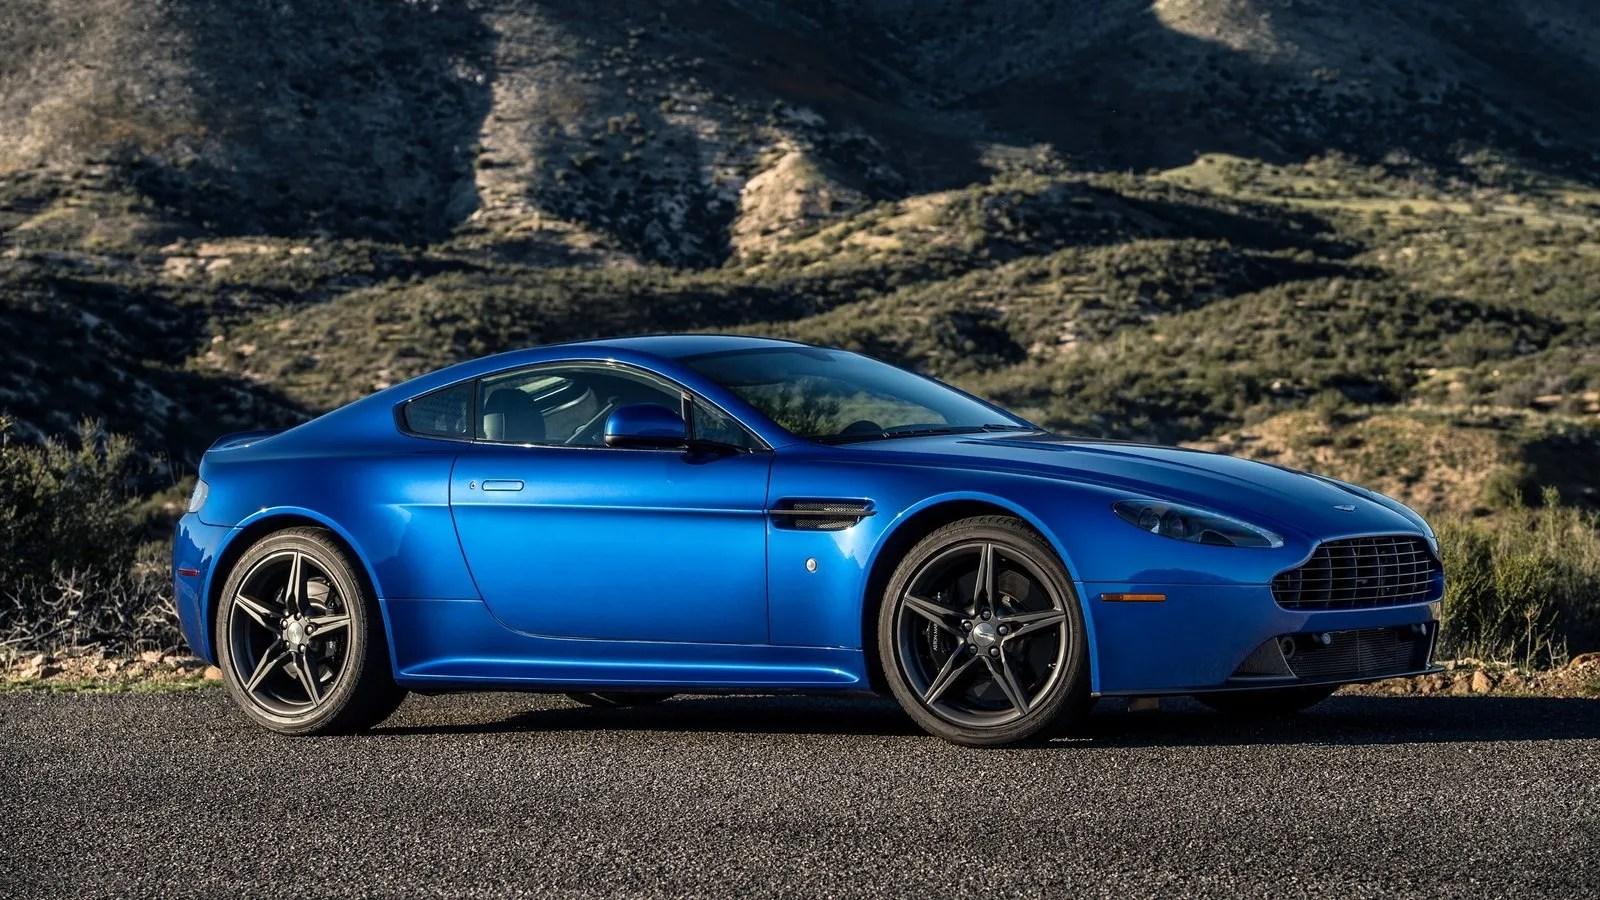 2017 Aston Martin Vantage GTS | Top Speed